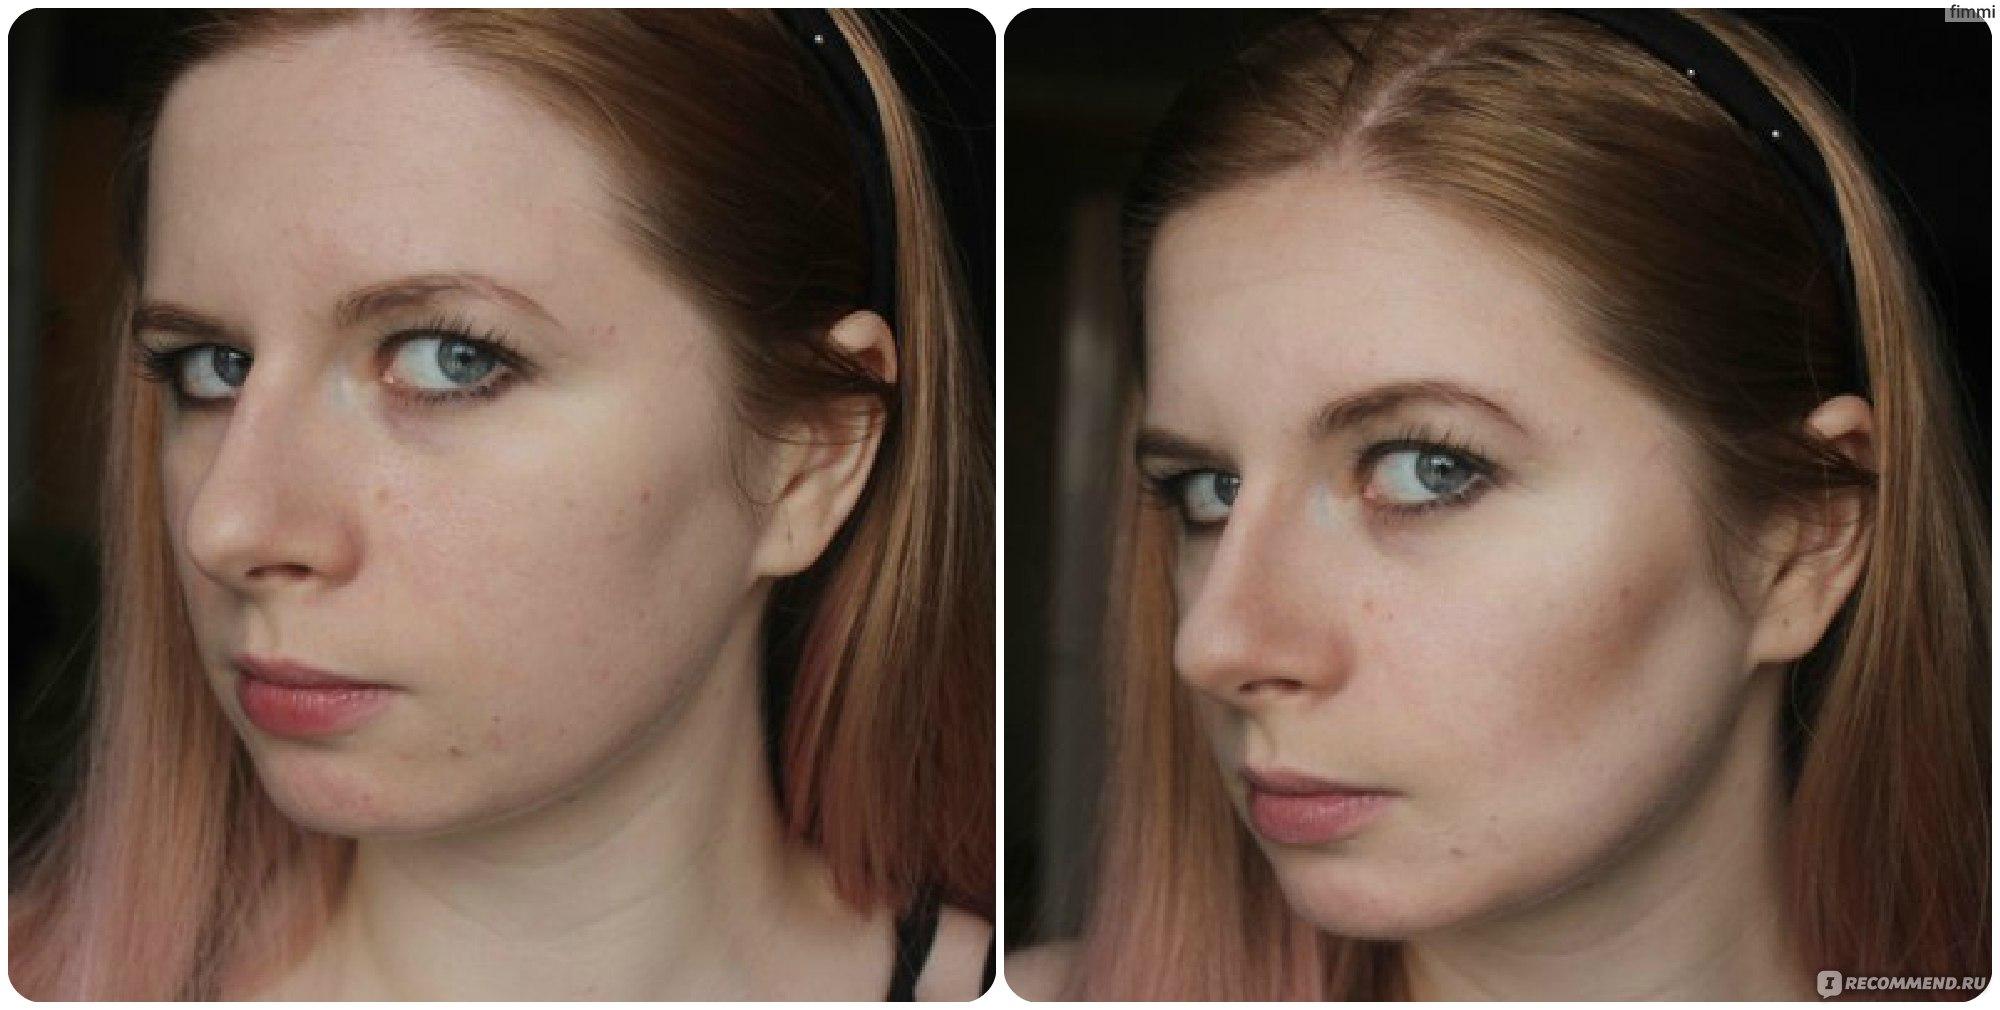 Как уменьшить нос упражнениями, исправить искривление носа